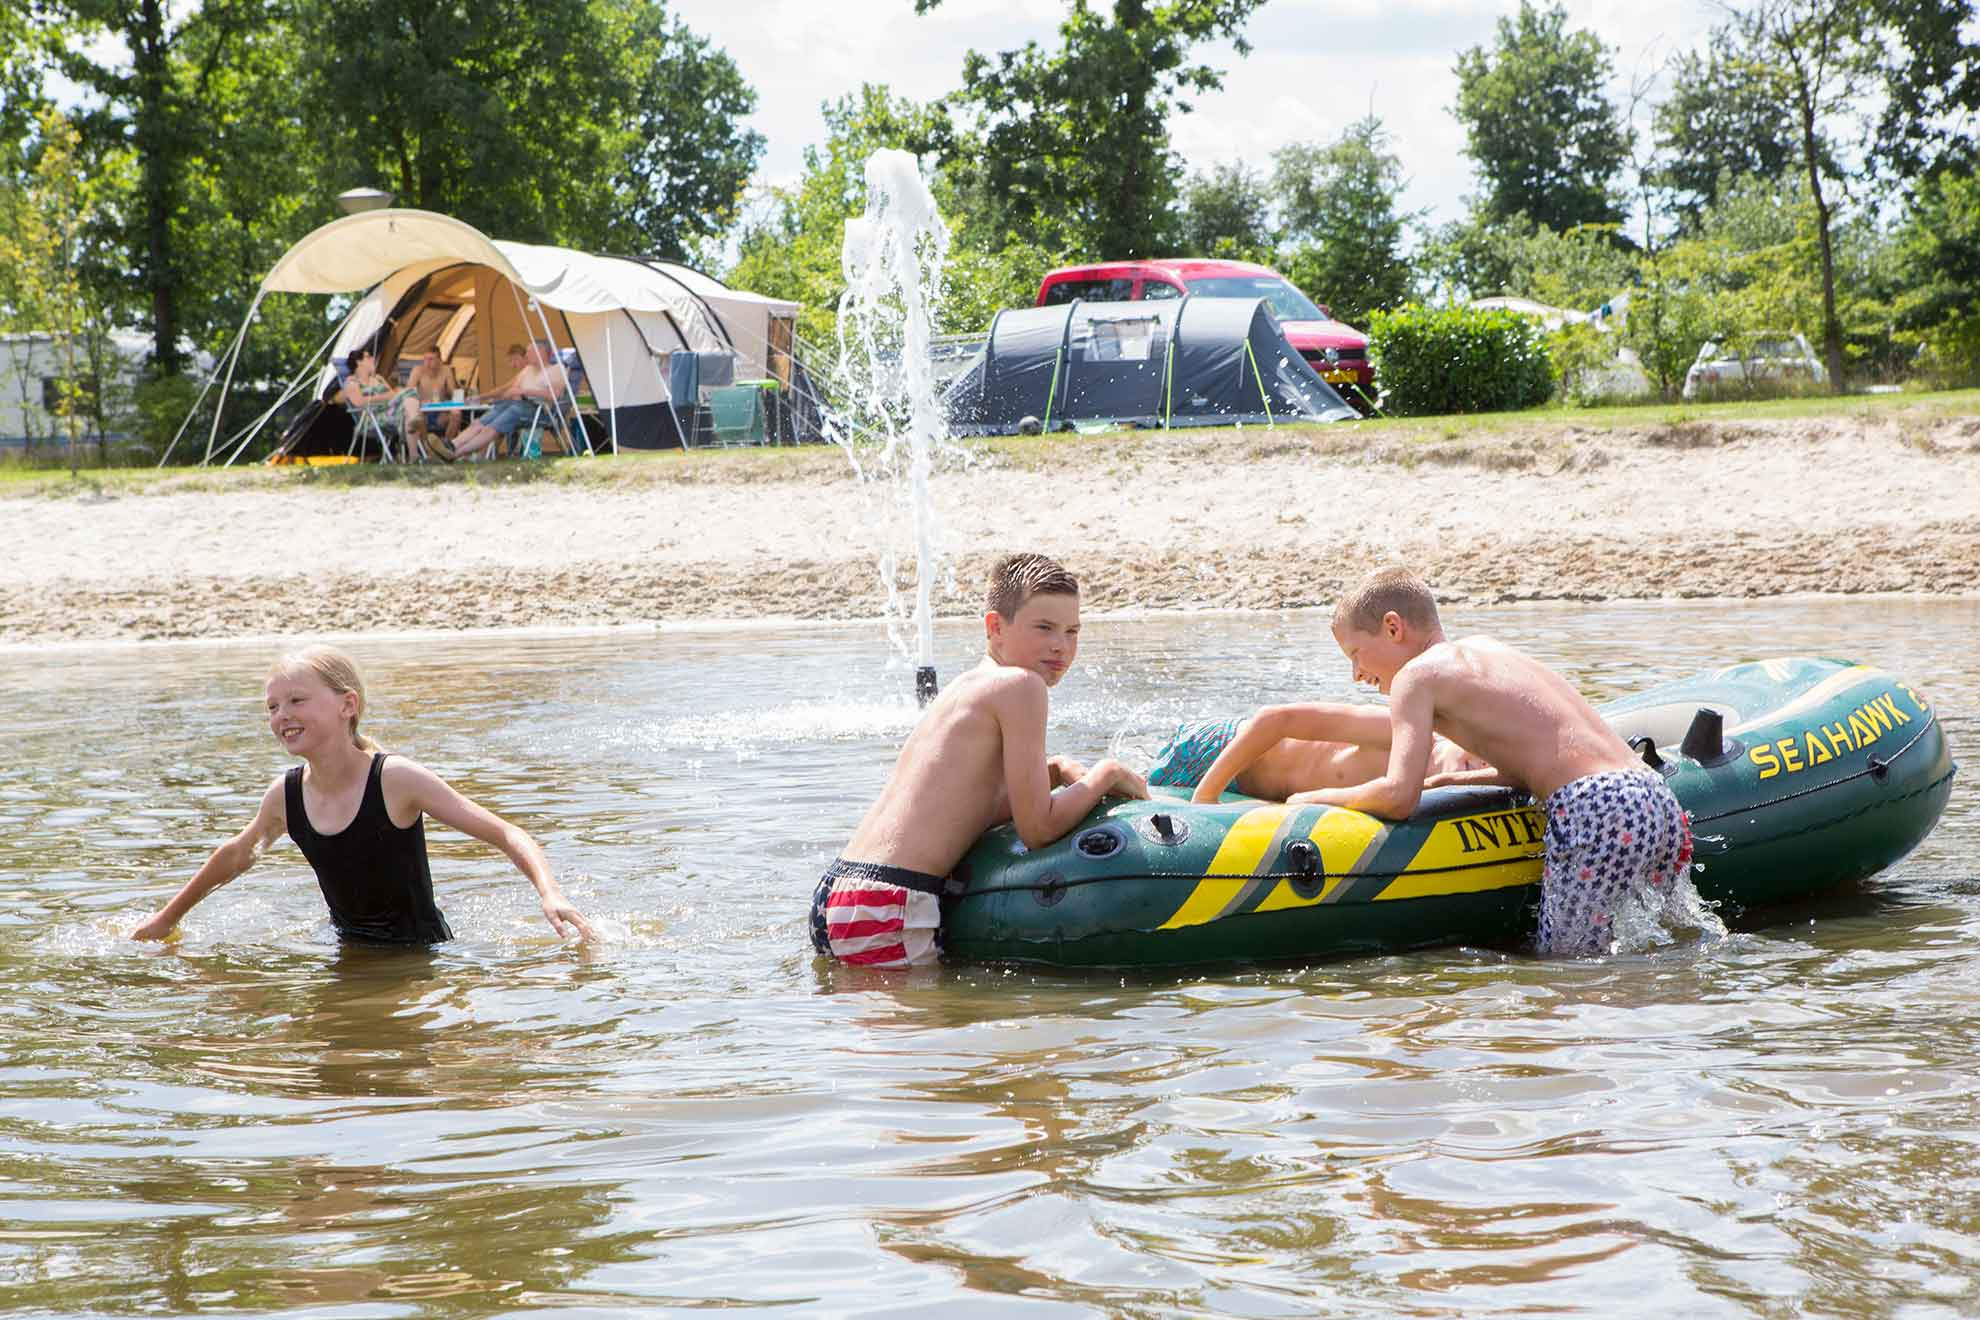 ANWB camping in Overijssel, met 5 sterren voorzieningen - ANWB camping in Overijssel